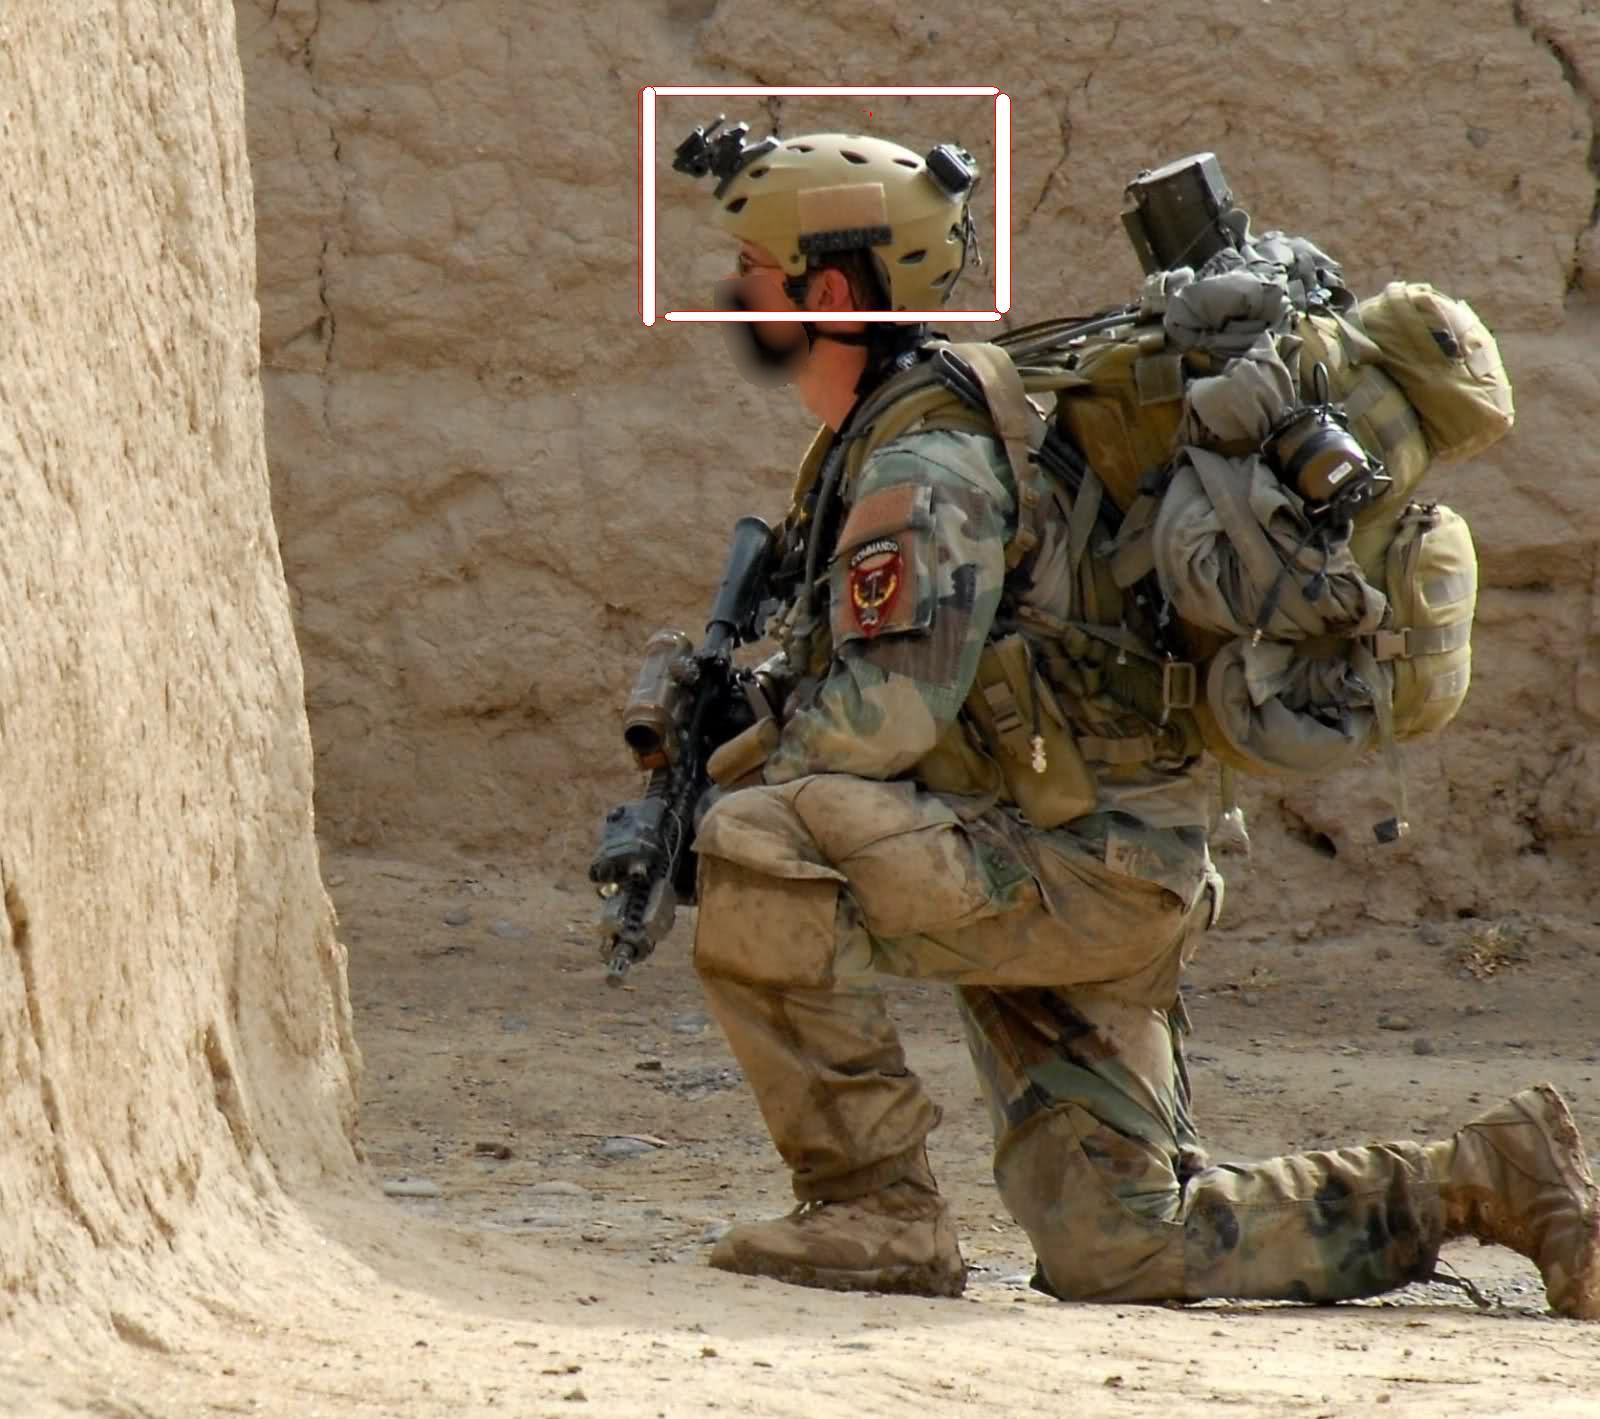 Future War Stories Fws Topics Pro Tec Helmets And